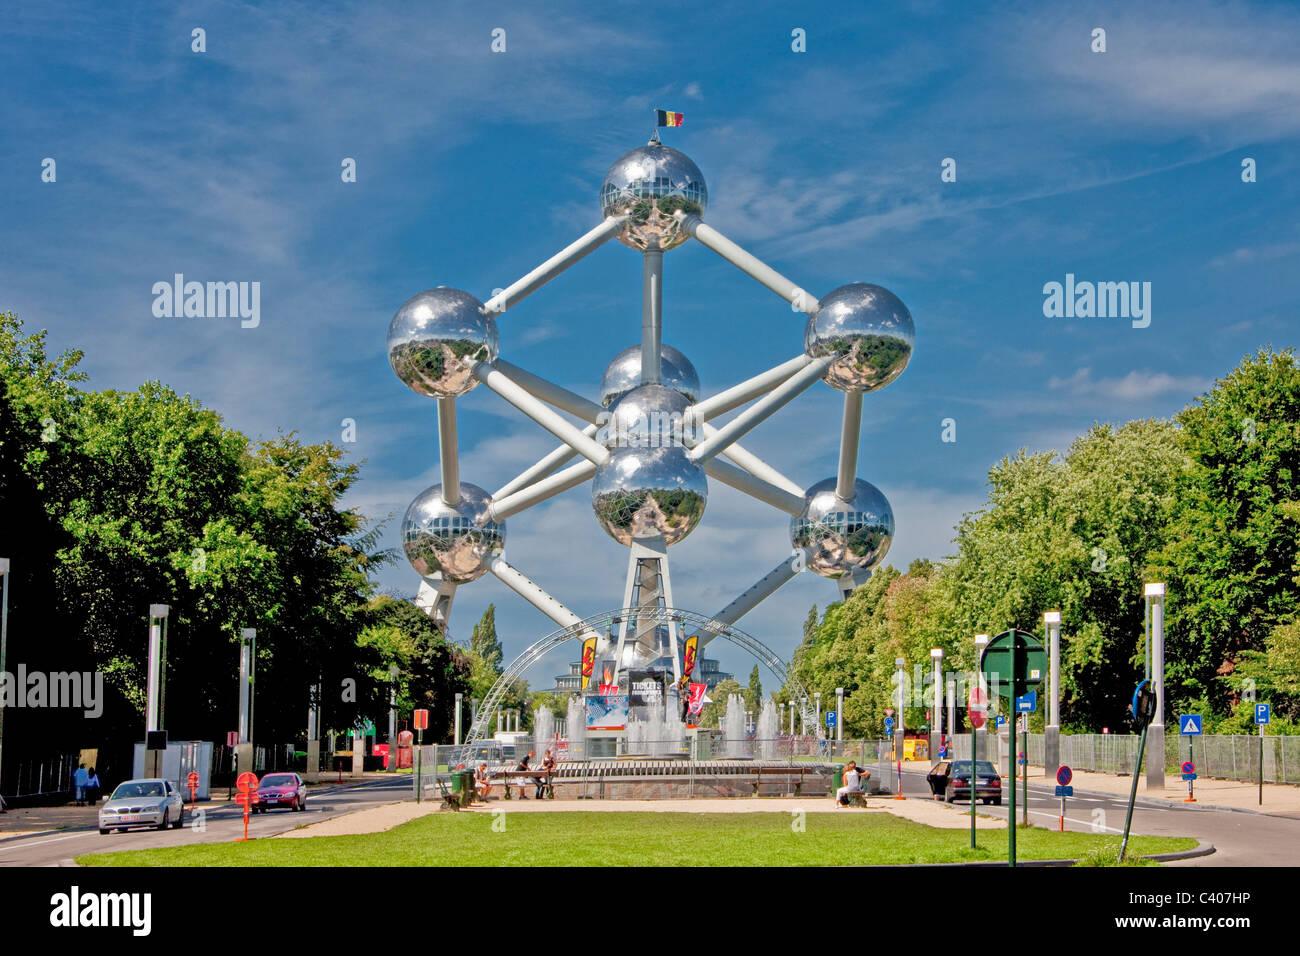 Belgium, Europe, Bruxelles, Brussels, Atomium, balls, sphere, architecture, around, building, construction, landmark Stock Photo